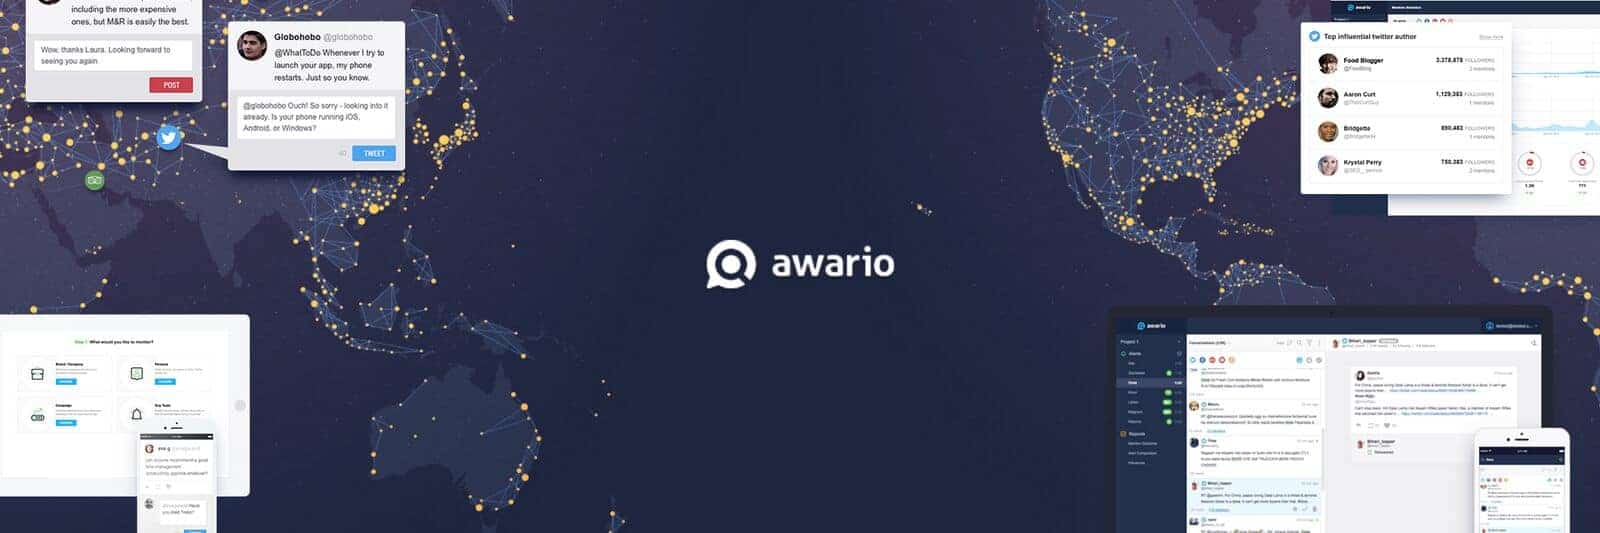 Awario_banner